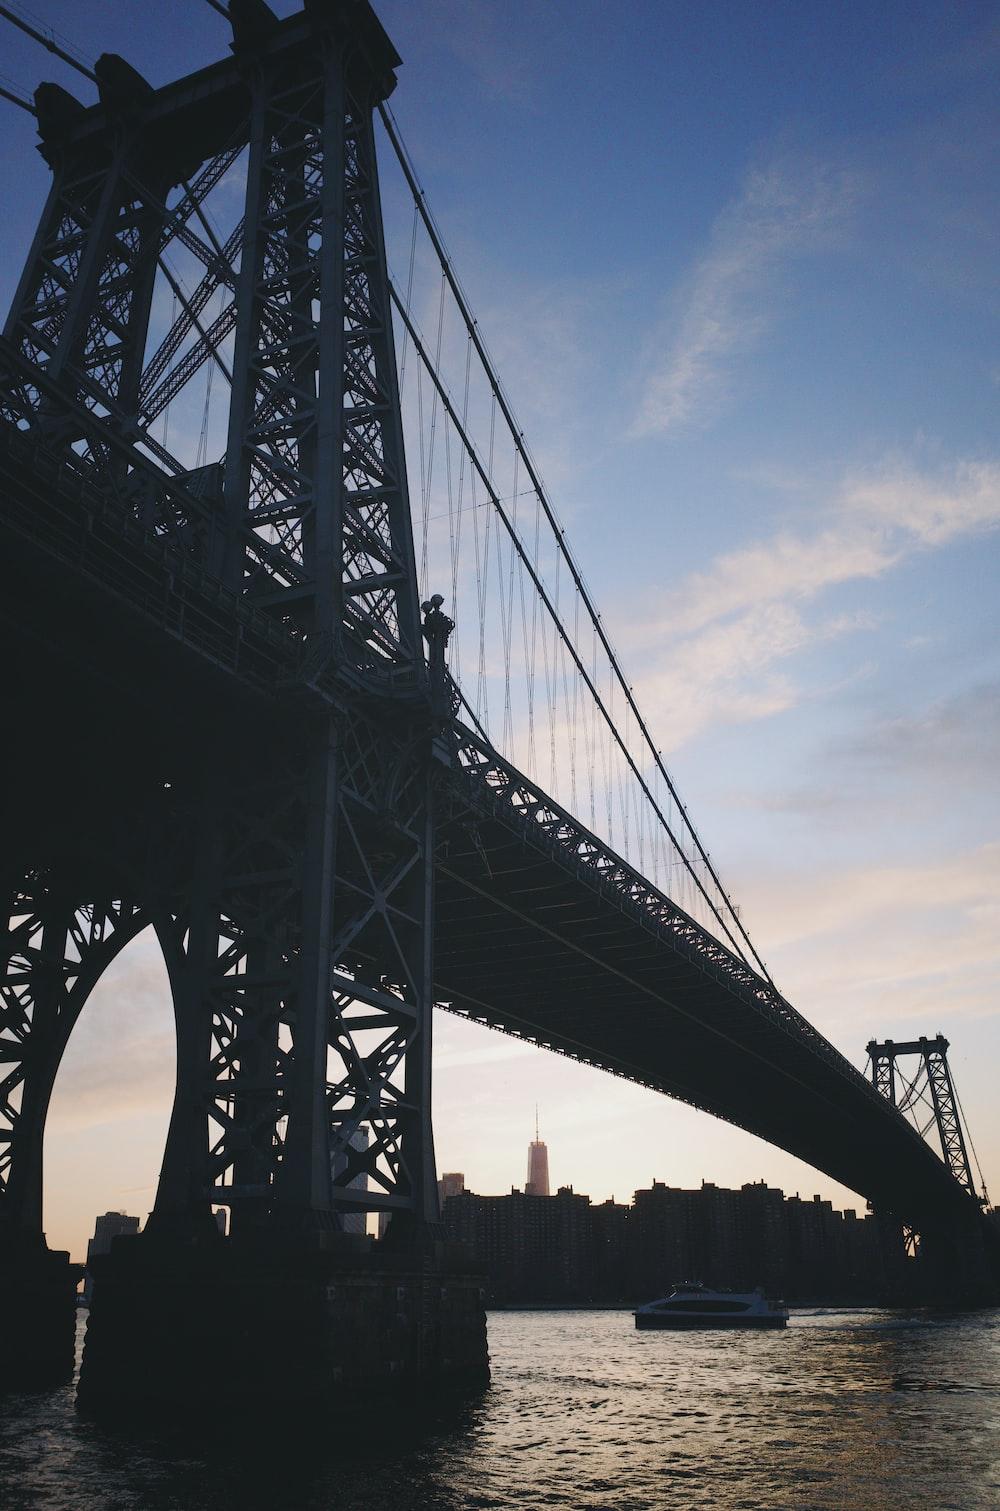 ferry passing under suspension bridge